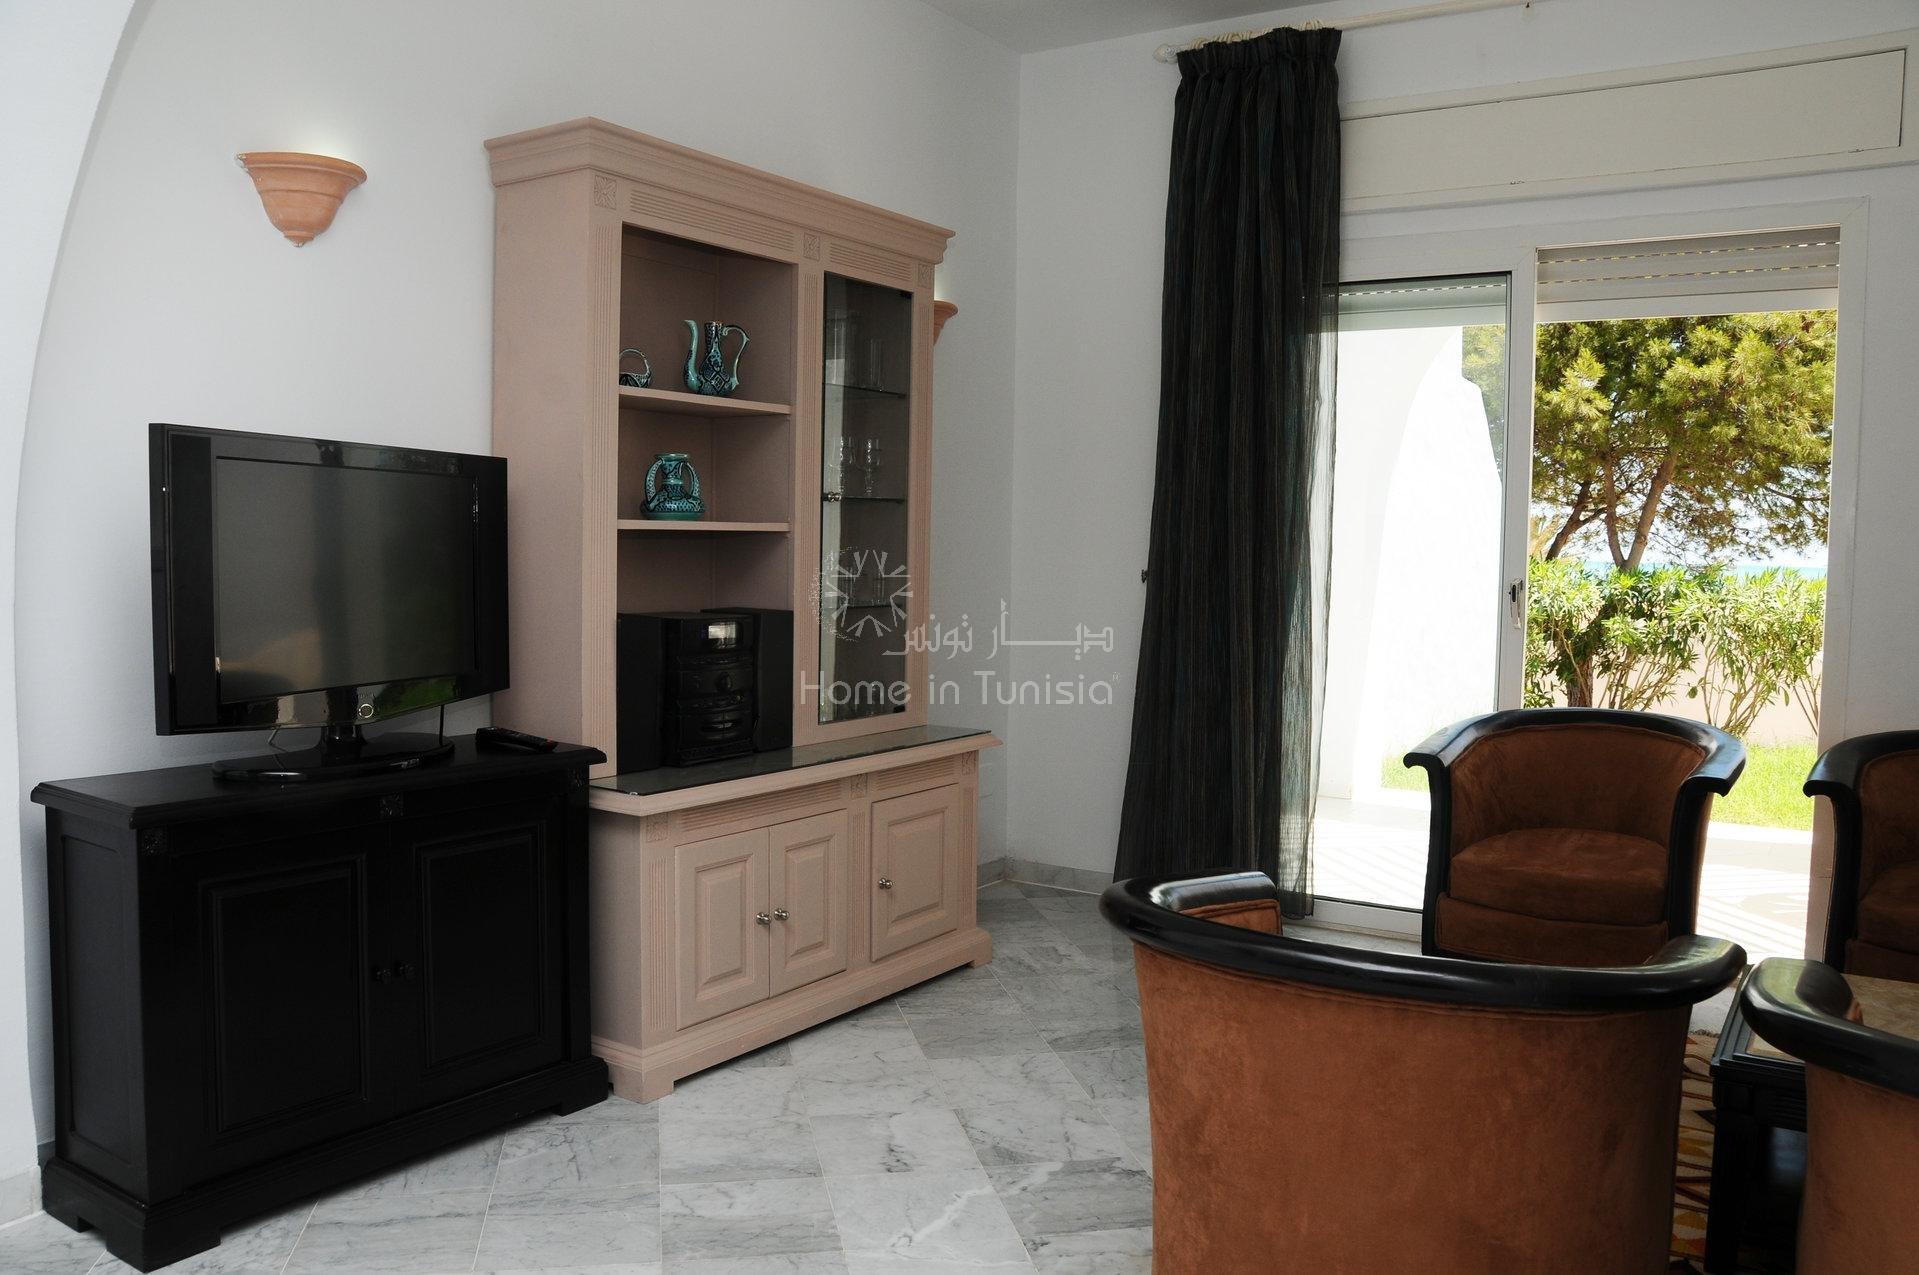 Location Appart'hôtel - Aghir - Tunisie